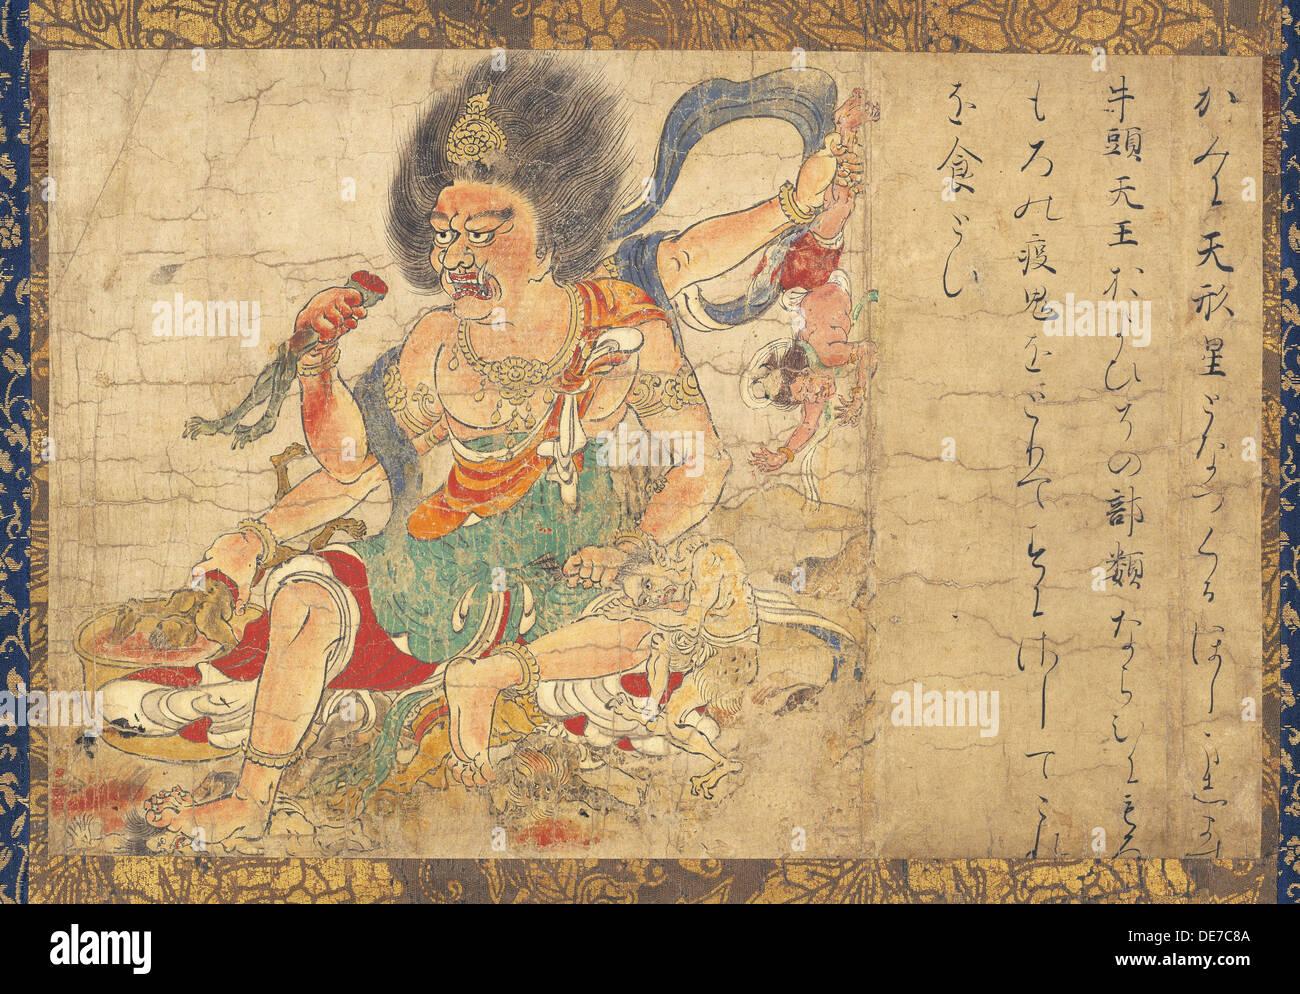 Tenkeisei, der himmlische Strafe Gottes (Teil des Satzes von fünf hängende Schriftrollen Vernichtung des Bösen), 12. Jahrhundert. Künstler: Ano Stockbild